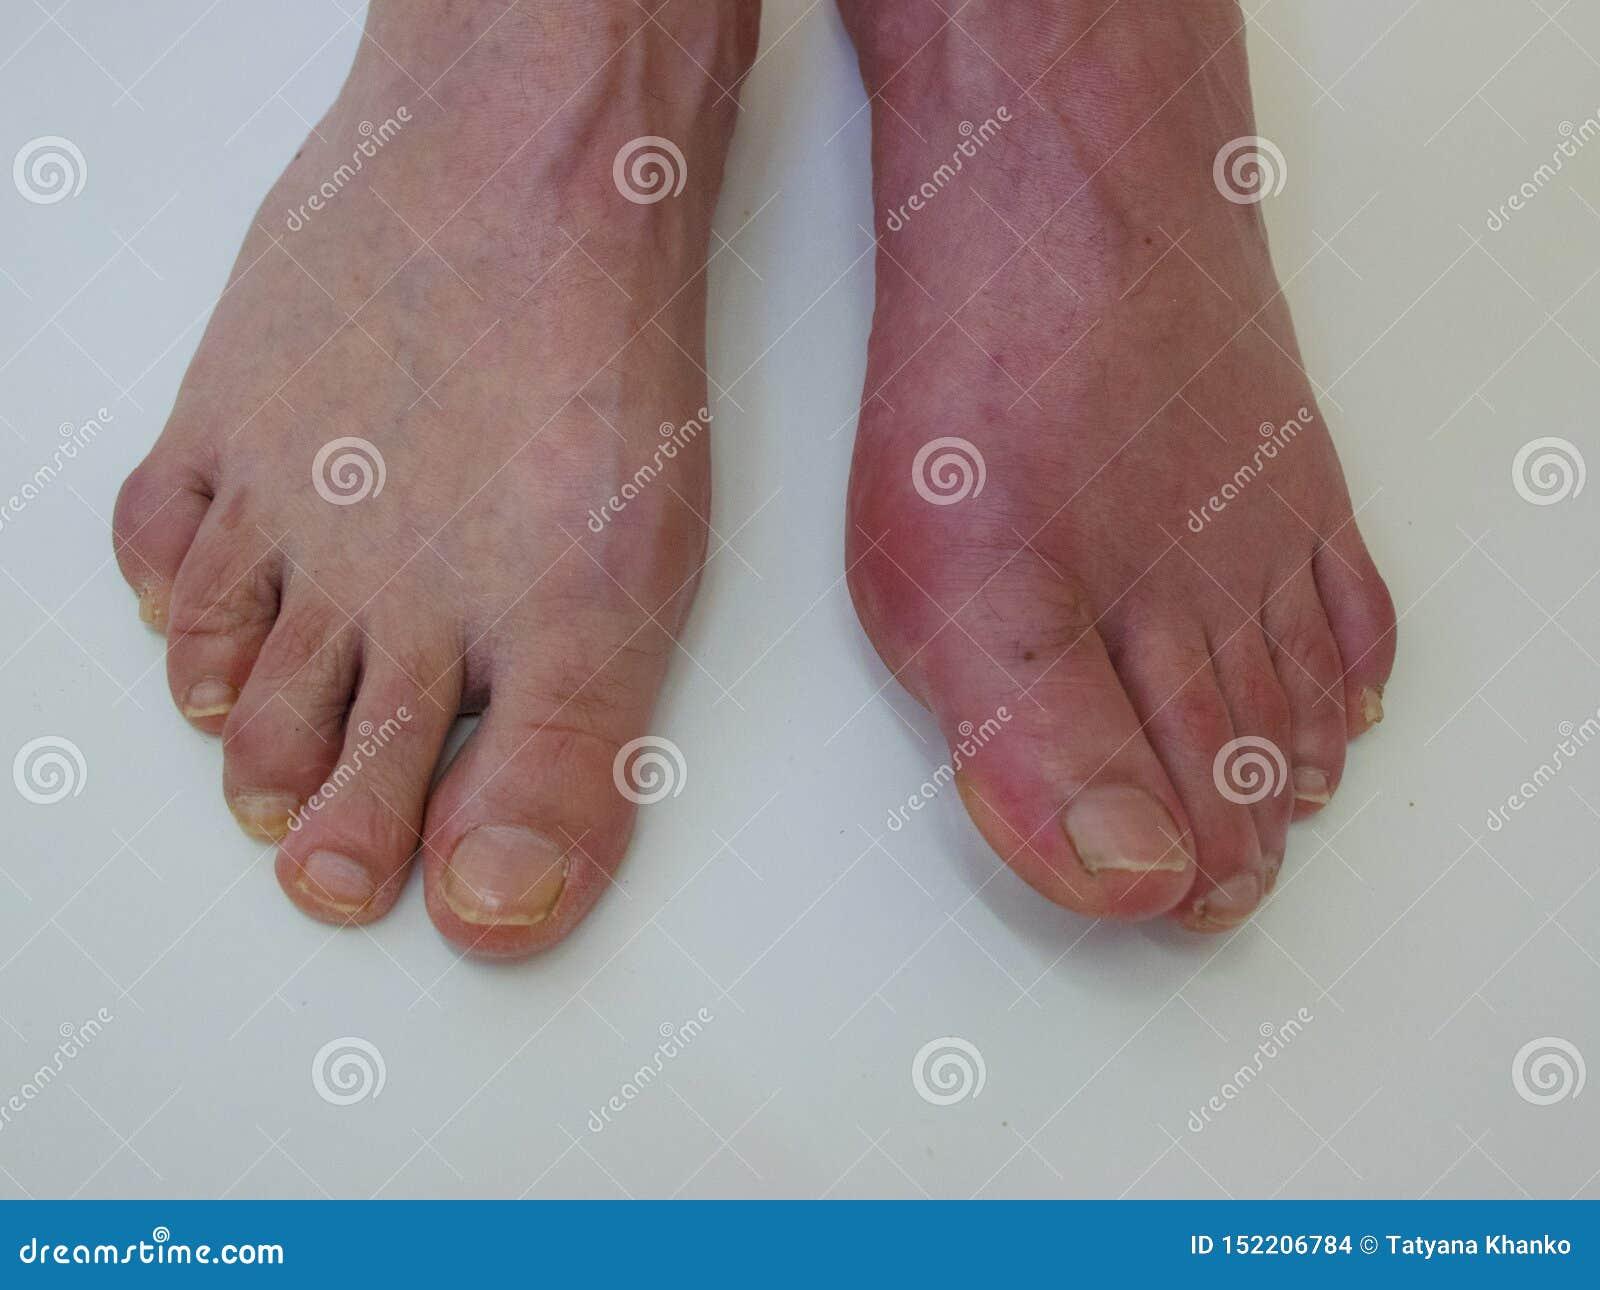 De Reumatiek en de jicht van de voetziekte Het rode been zwellen Pijn in de voet